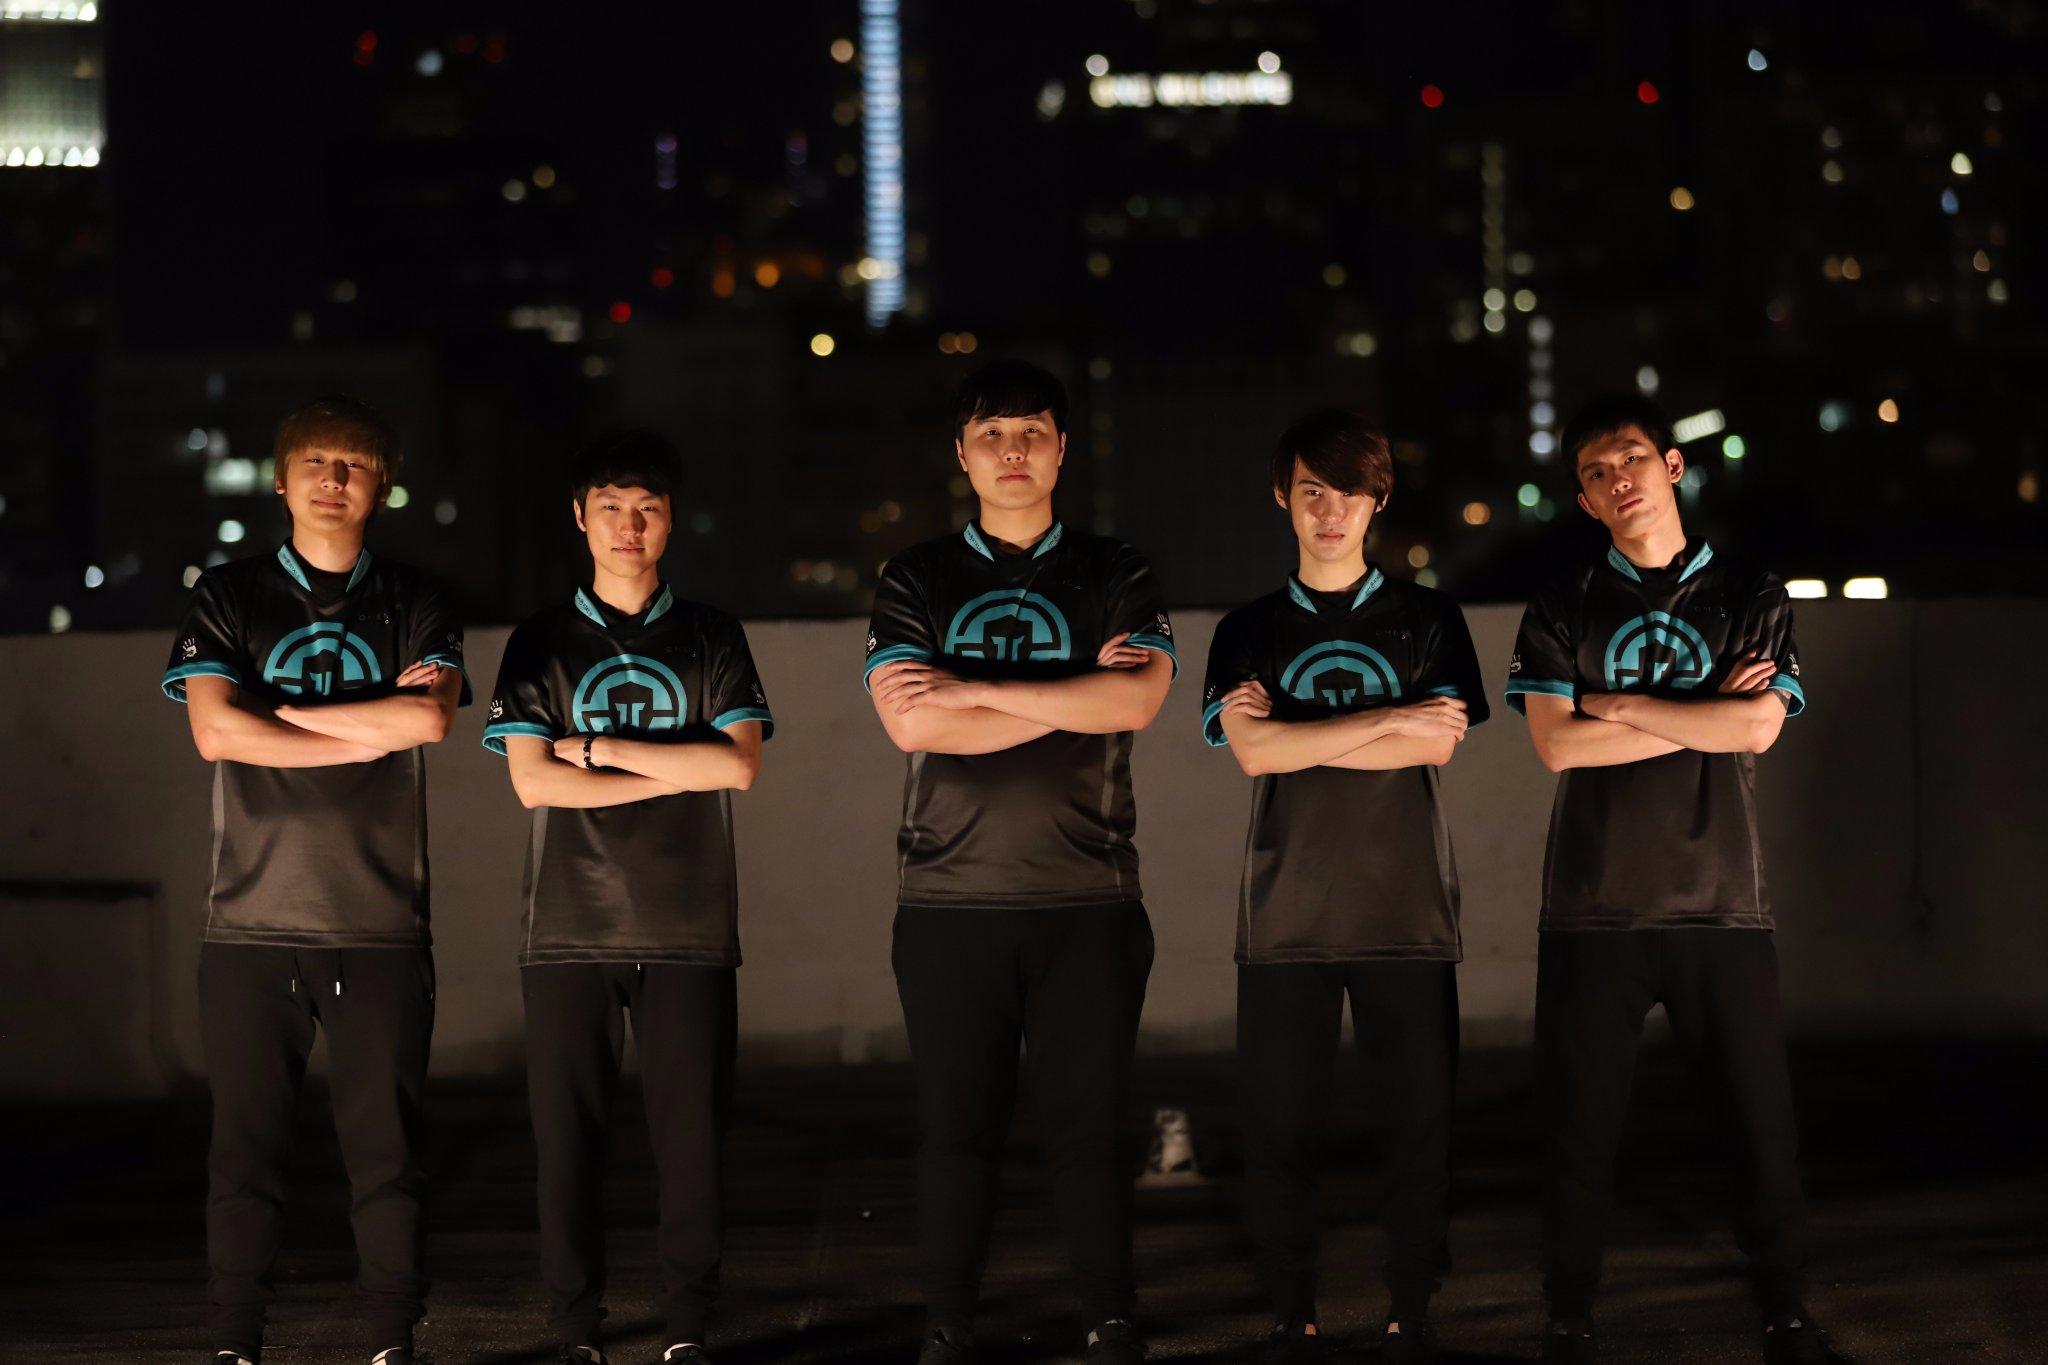 Immortals Dota 2 Team - Image: Immortals